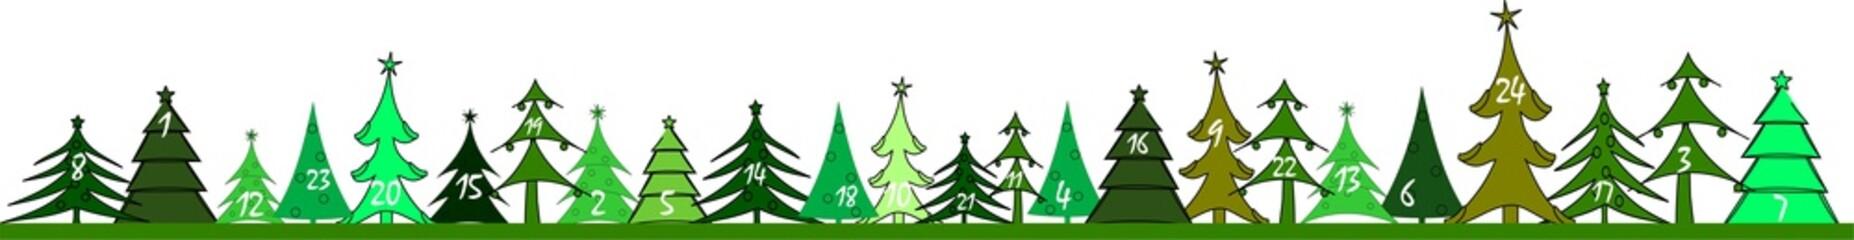 Weihnachtskalender Tannenbaum.Search Photos Adventskalender